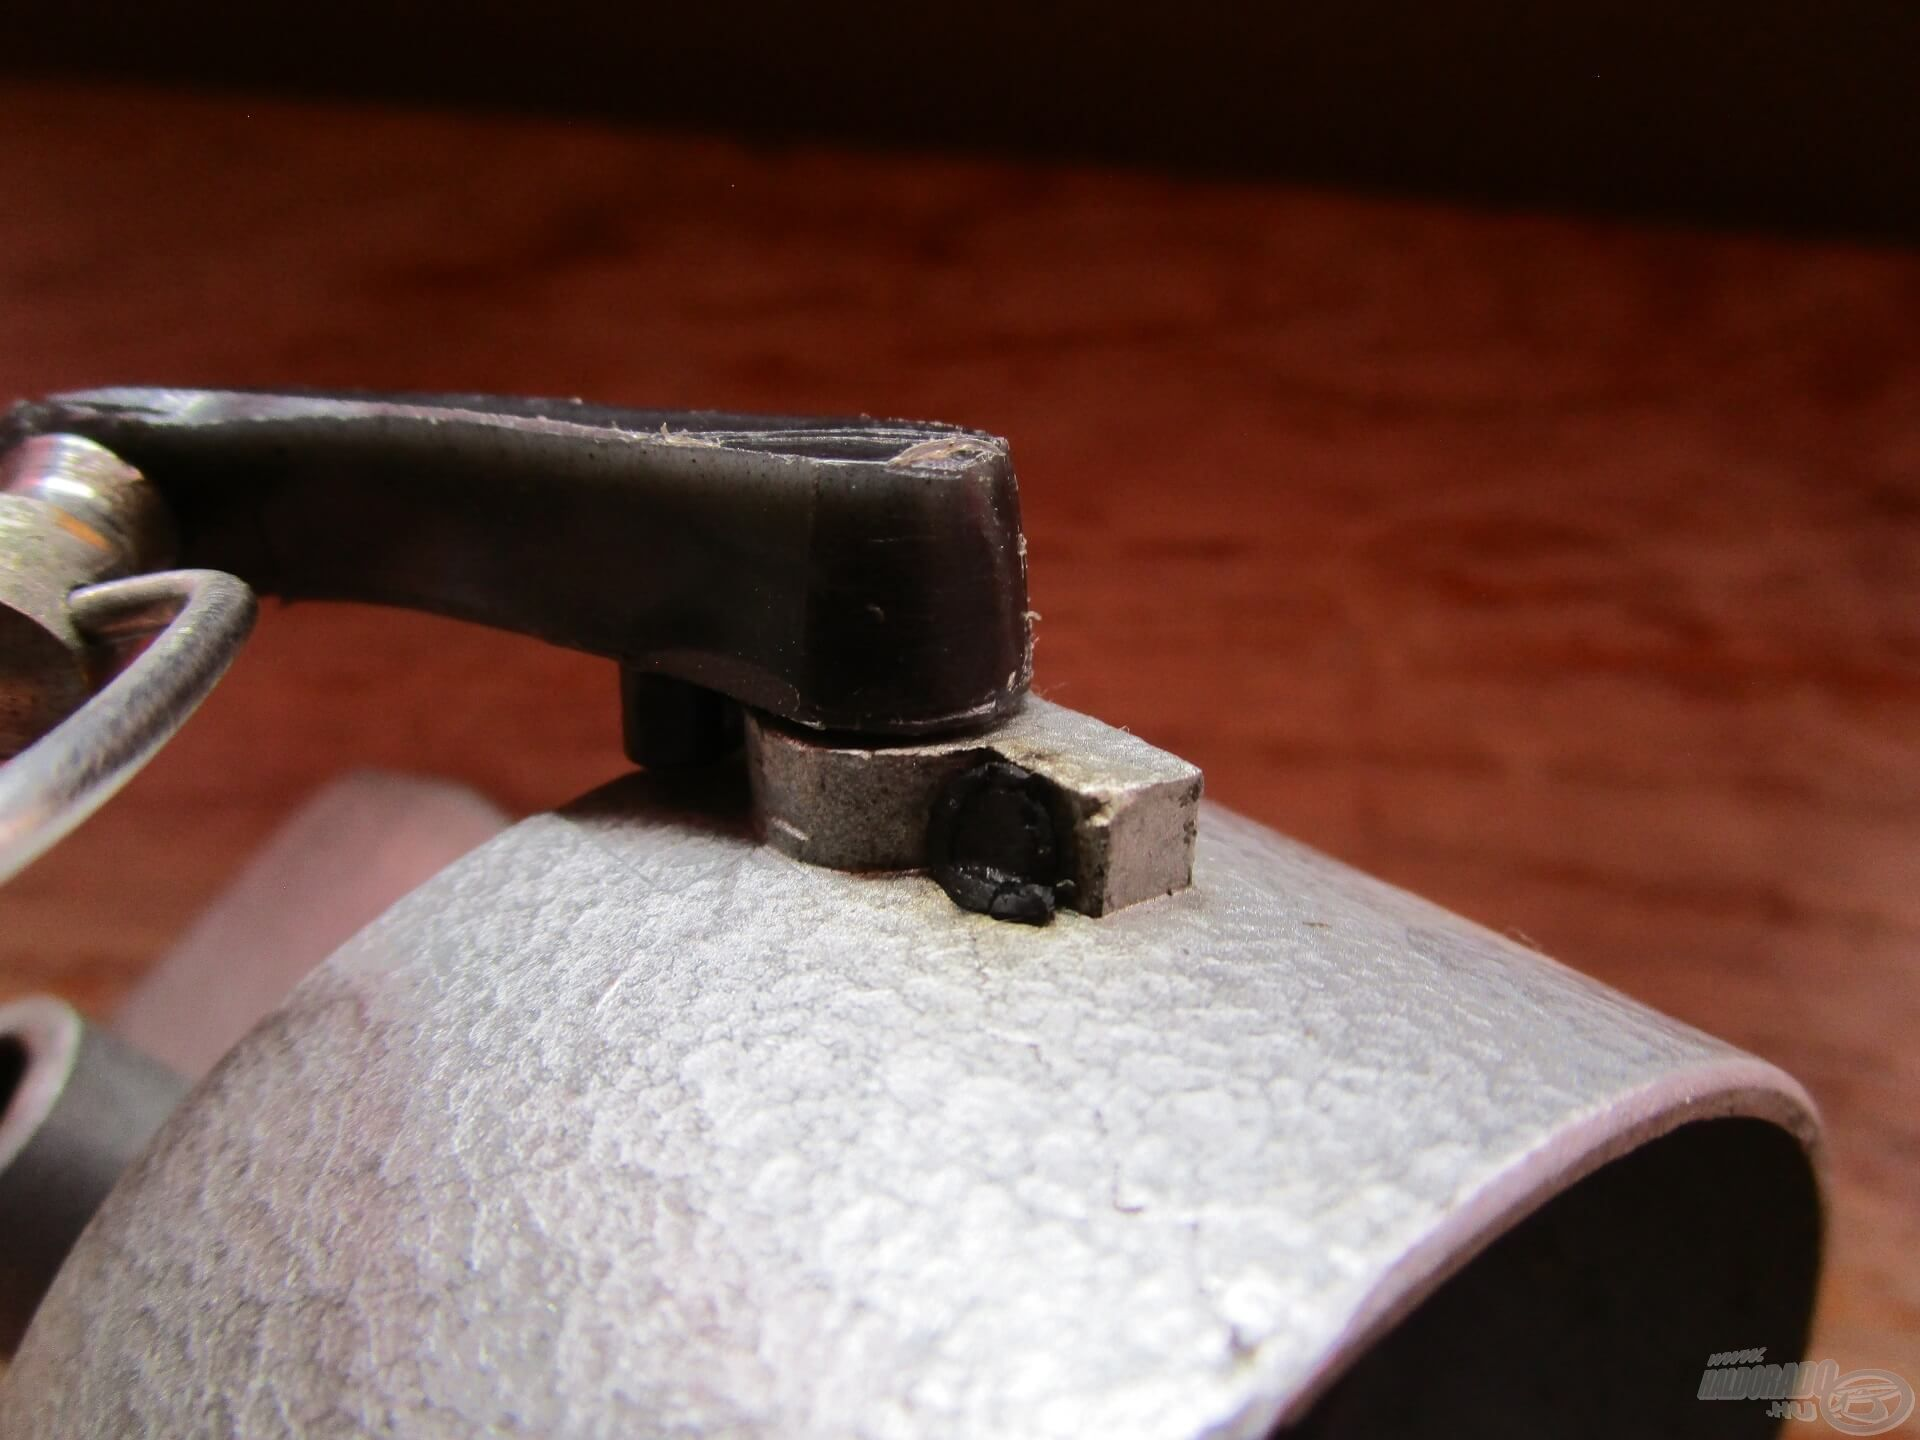 Átváltáskor a felkapókar nagy erővel csapódott vissza, ezért ennek a kis guminak nagyon fontos szerepe volt